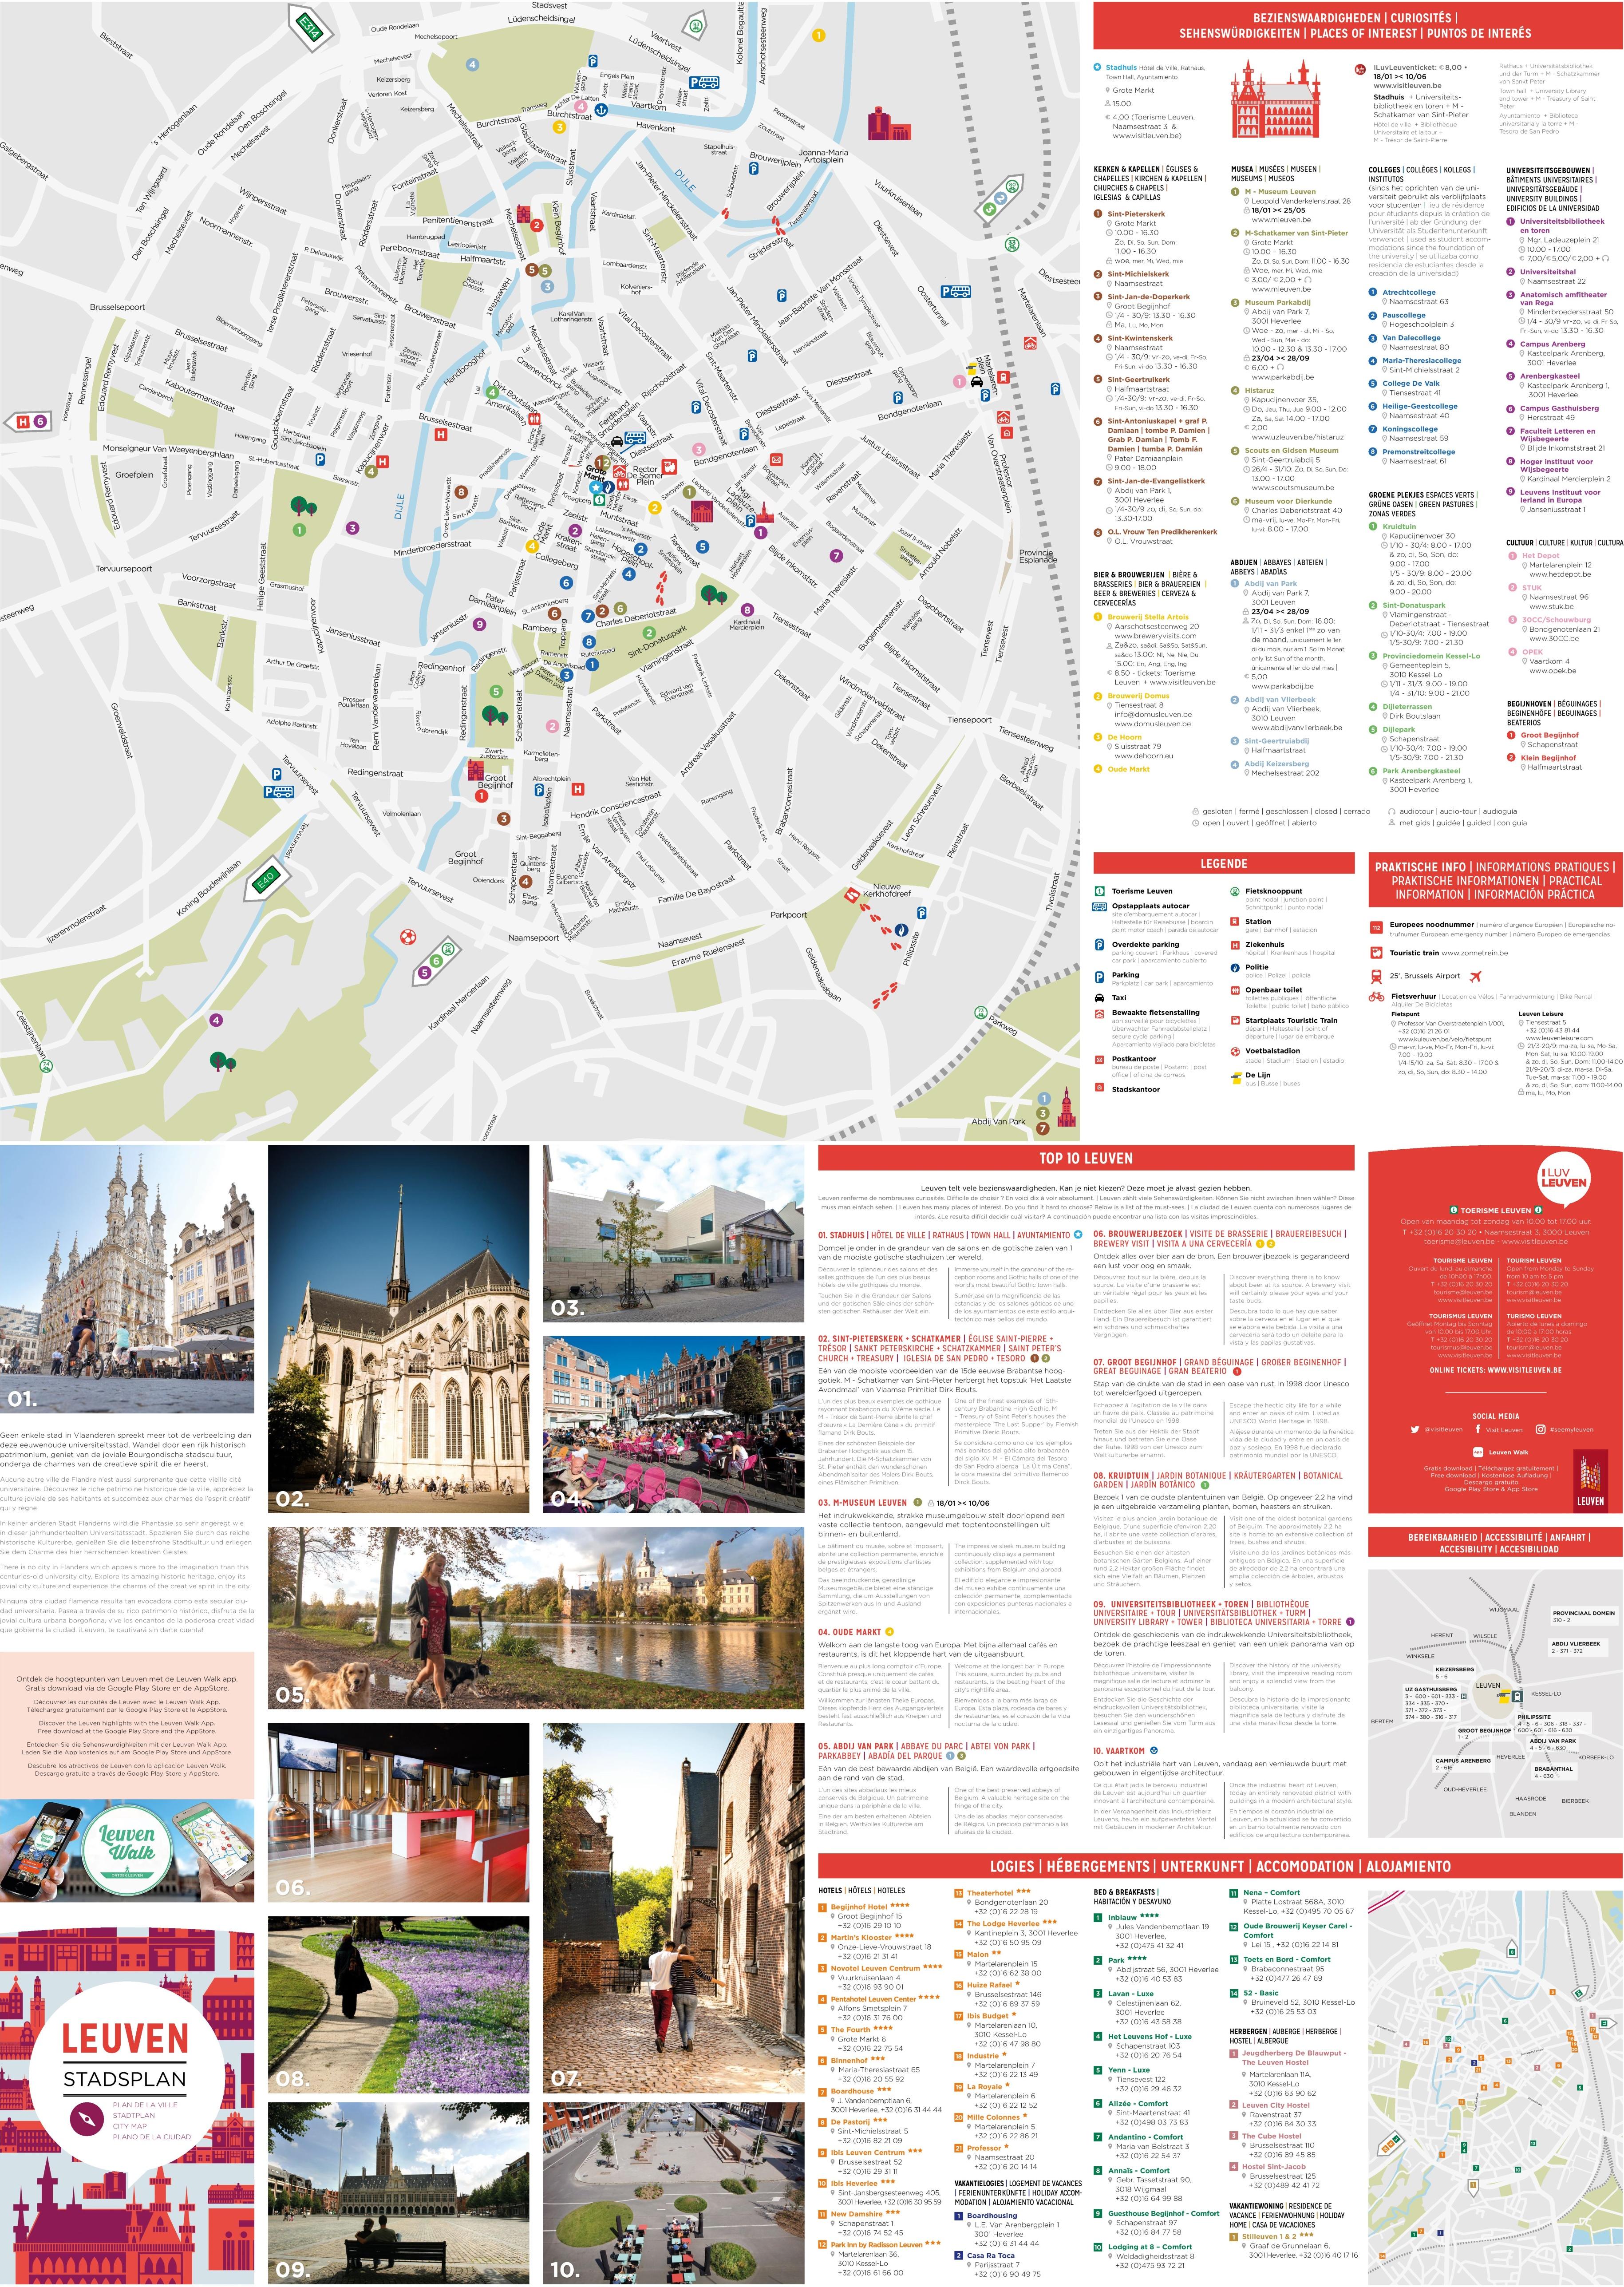 Leuven sightseeing map